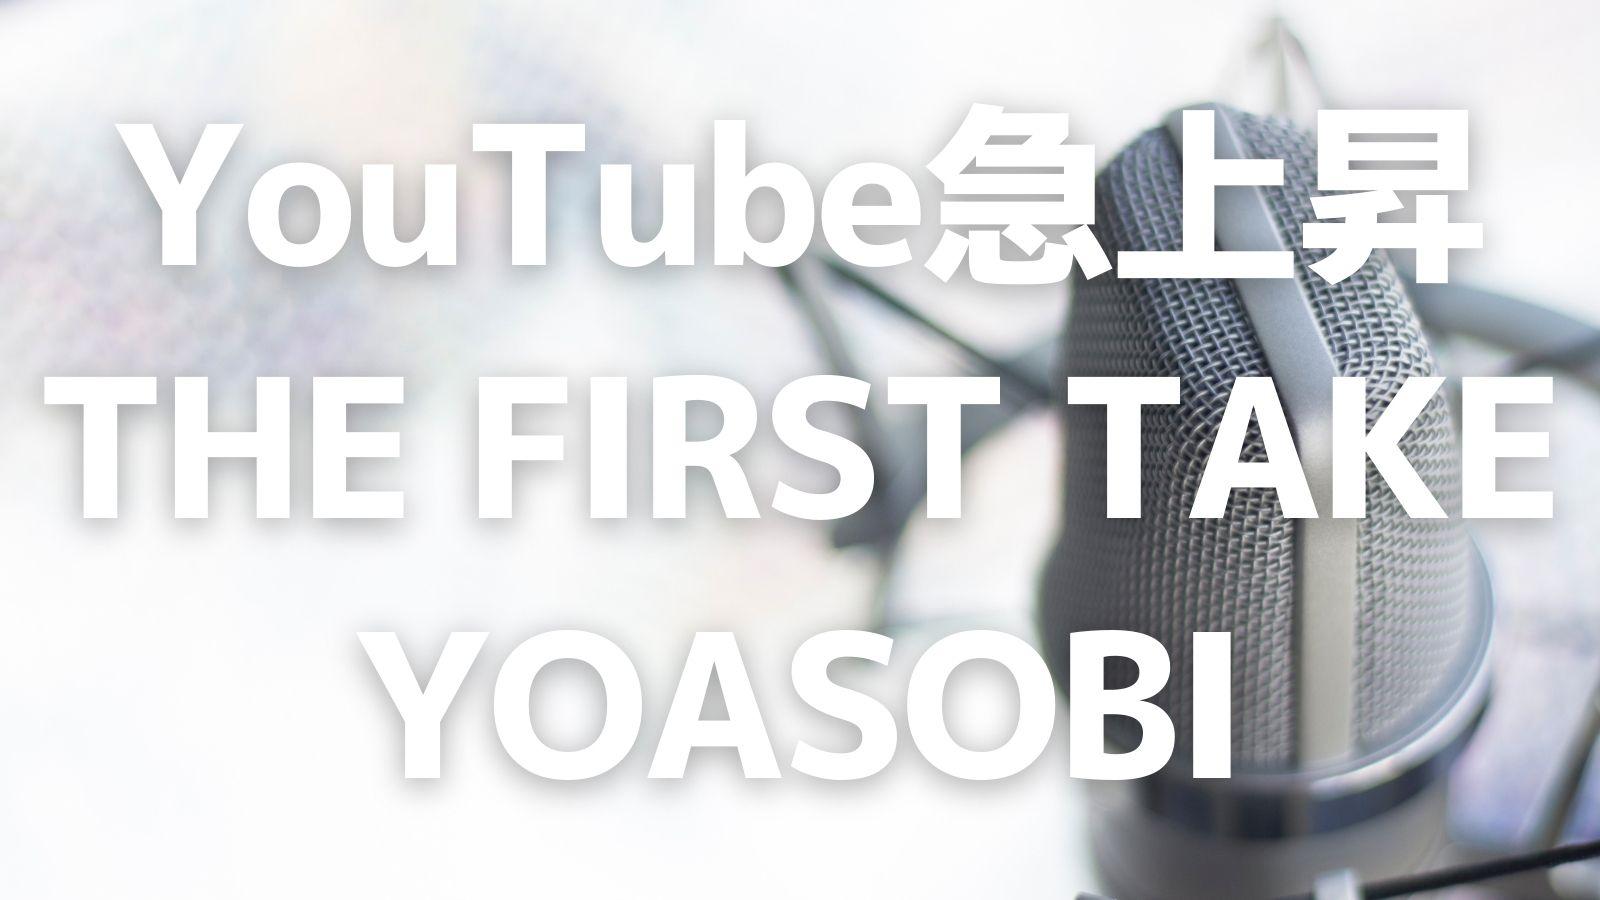 YouTube_THE FIRST TAKE_YOASOBI